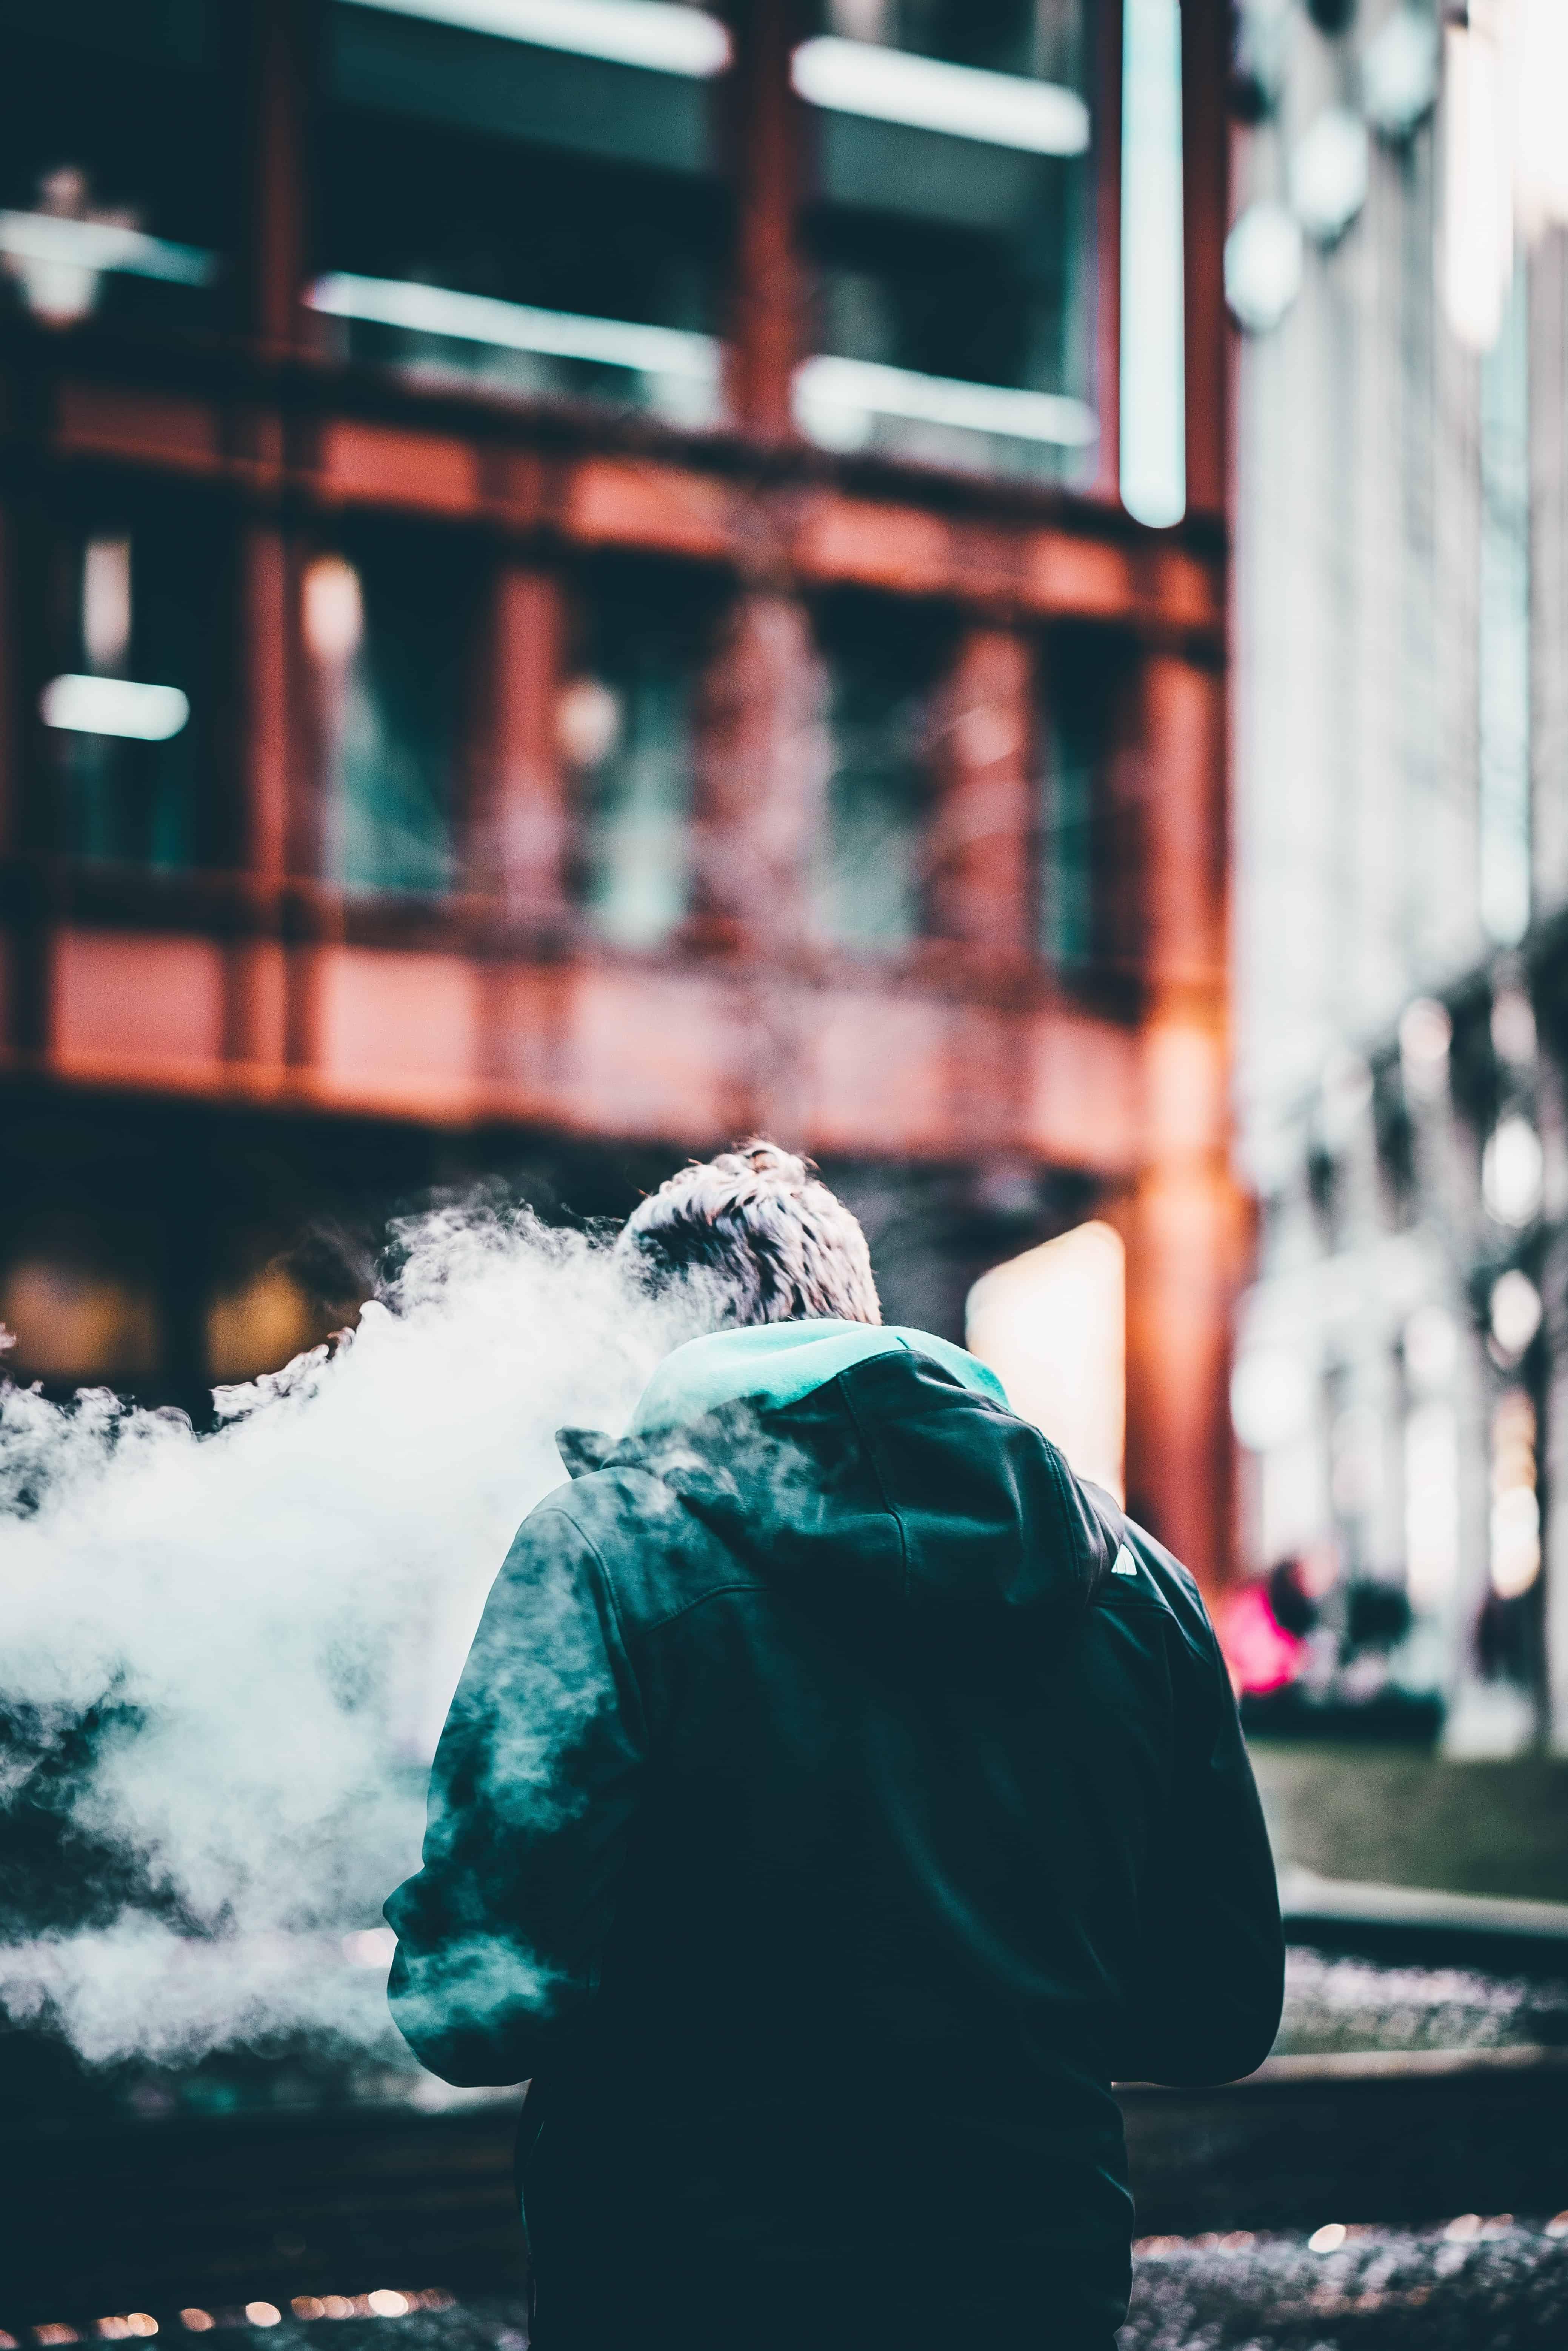 Taifun Gt | Die beste E-Zigarette? Der große Test | Kaufen oder nicht? 1